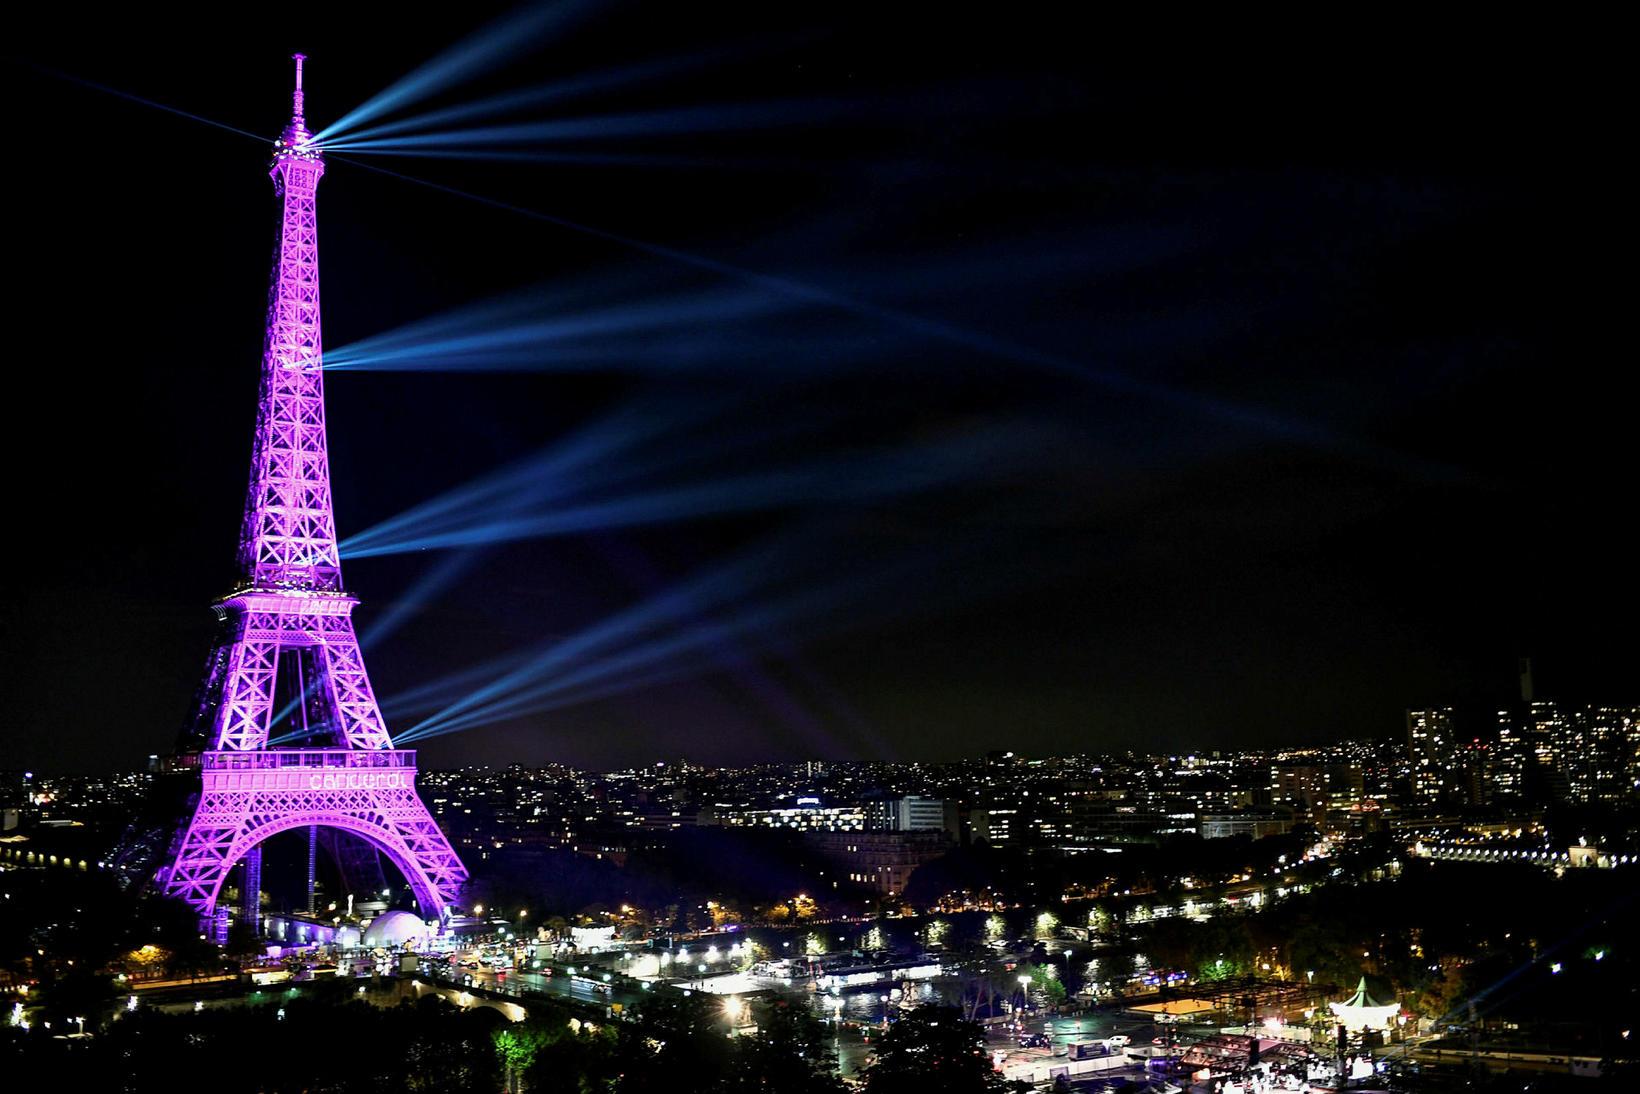 Enginn hefur verið sektaður fyrir að taka myndir af Eiffel ...